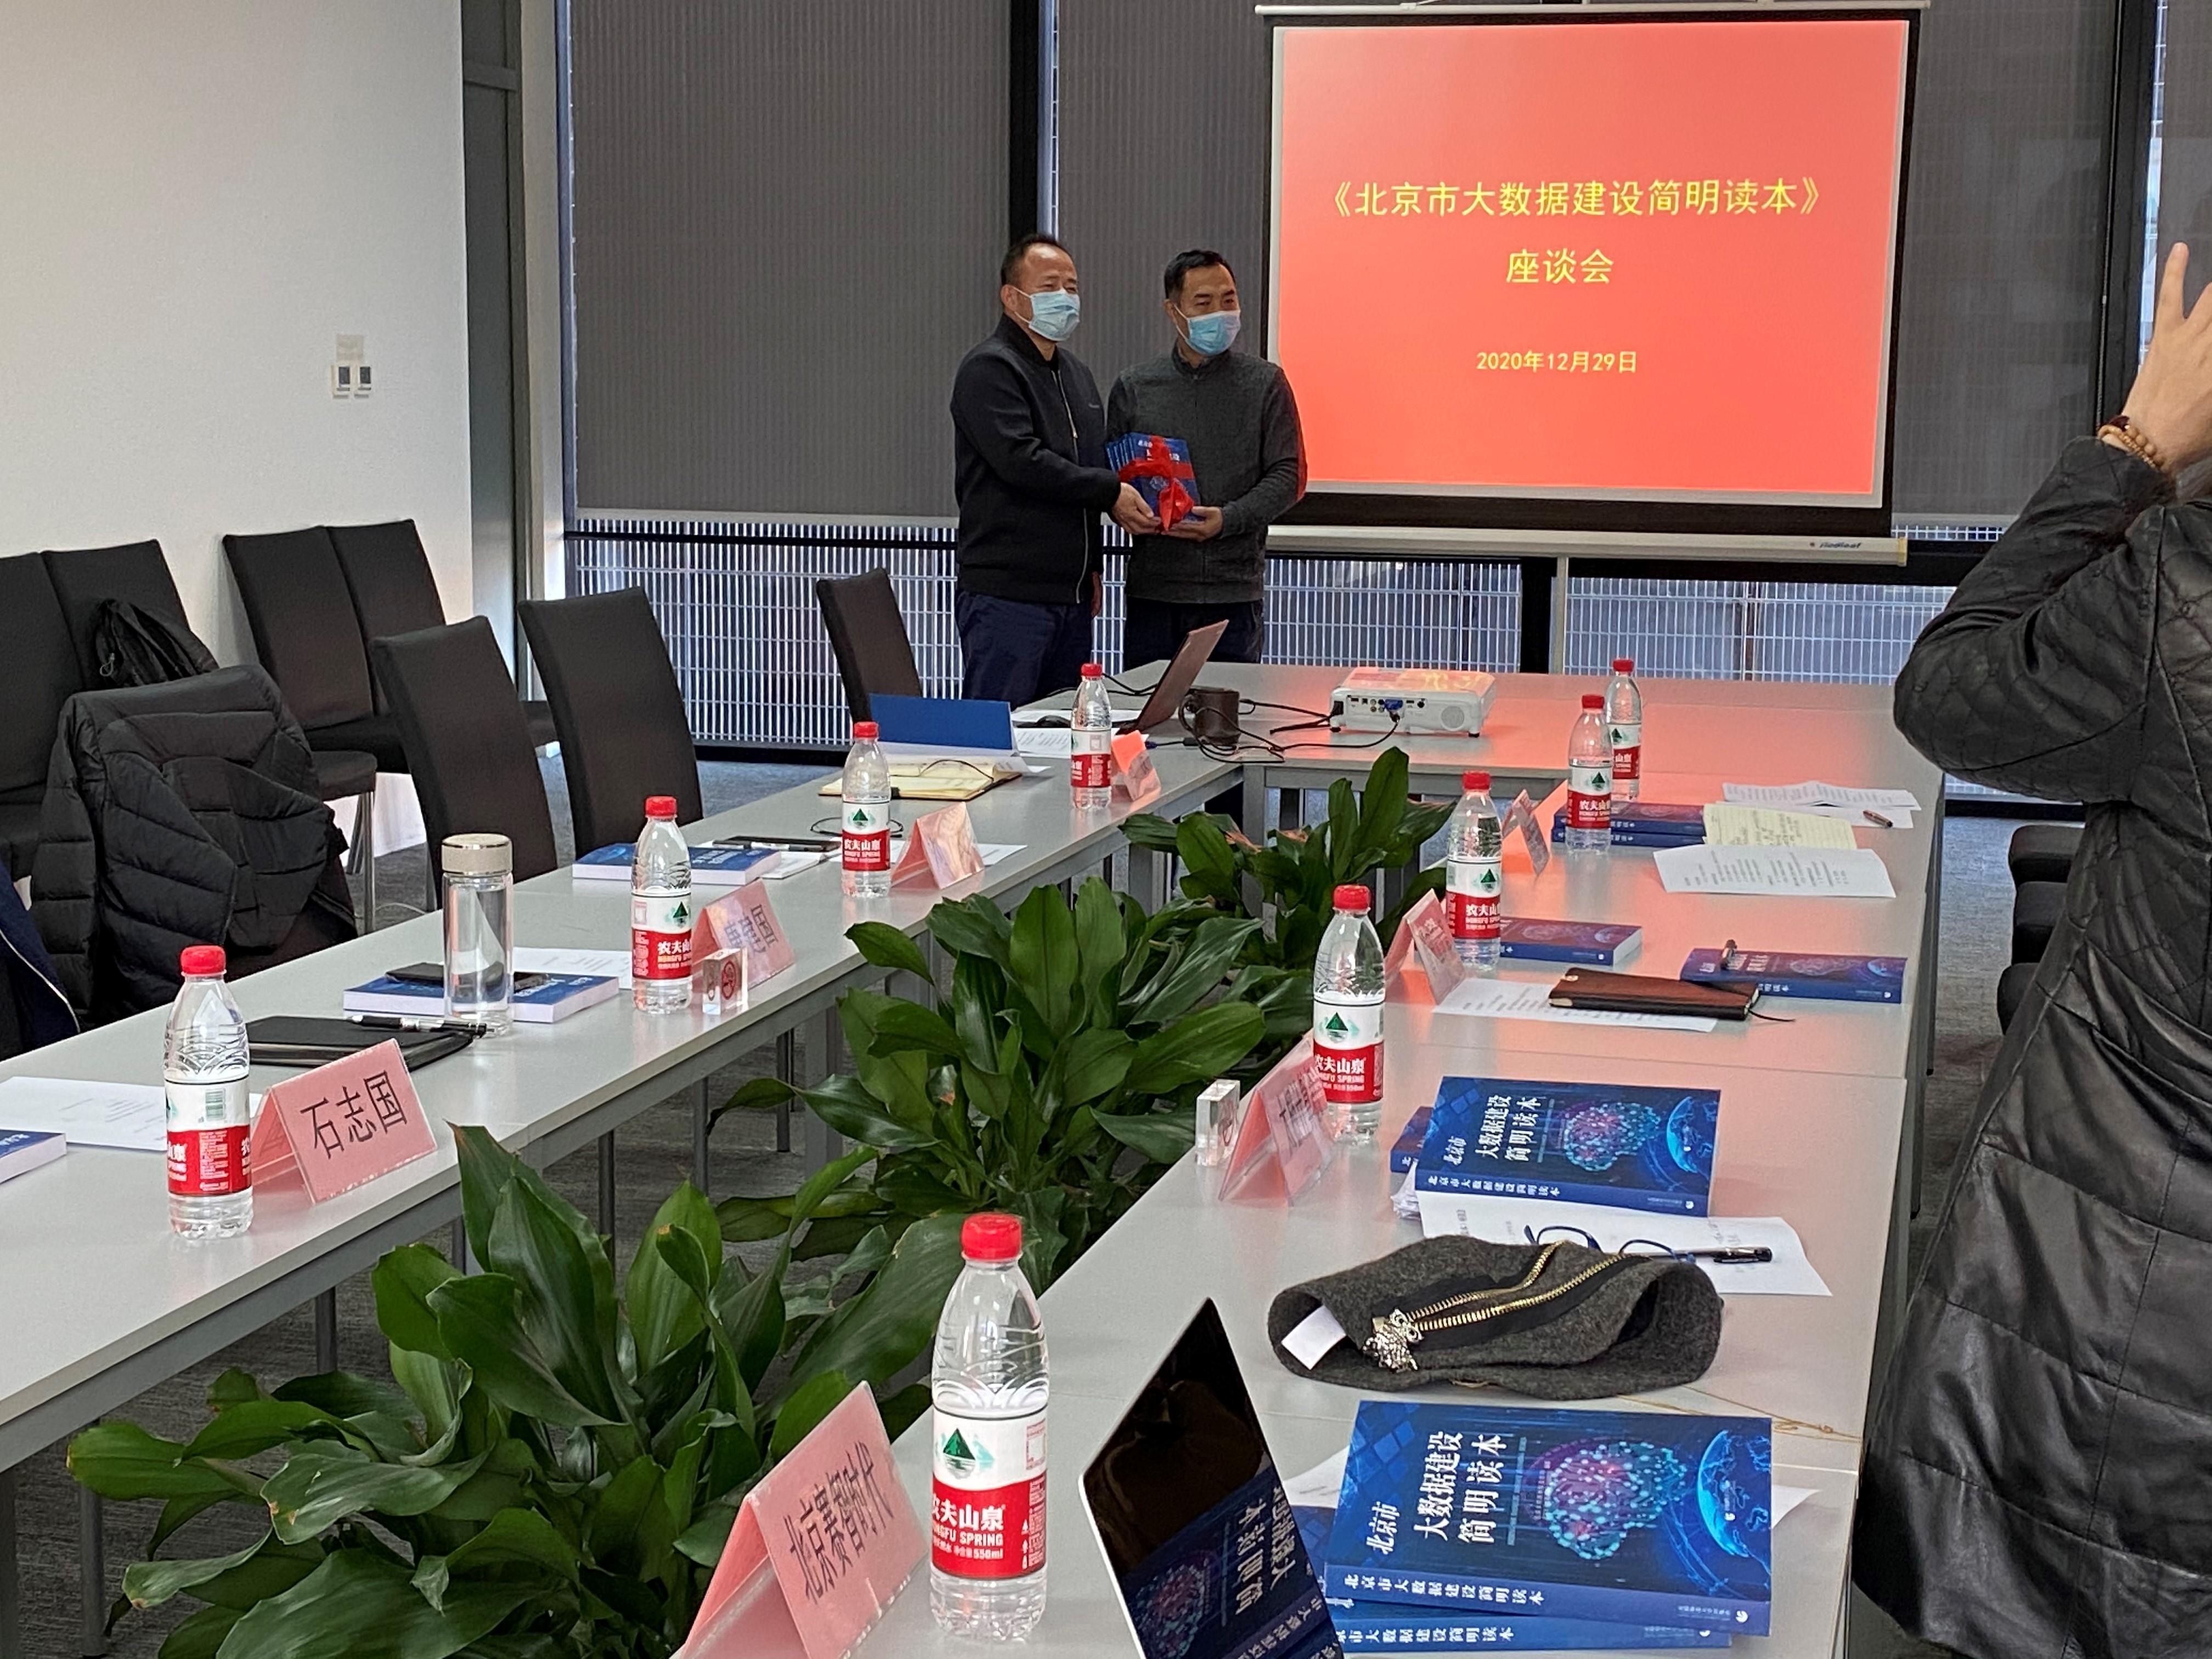 赛智时代受邀参加《北京市大数据建设简明读本》座谈会